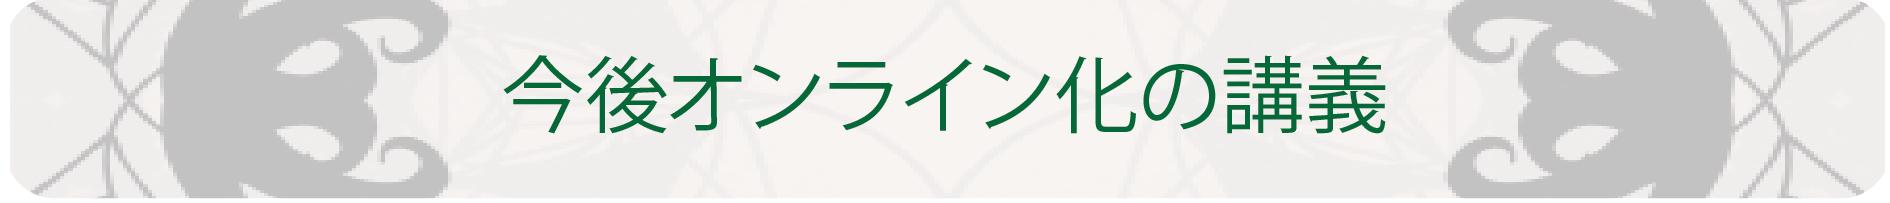 オンラインセミナータイトル-01-02